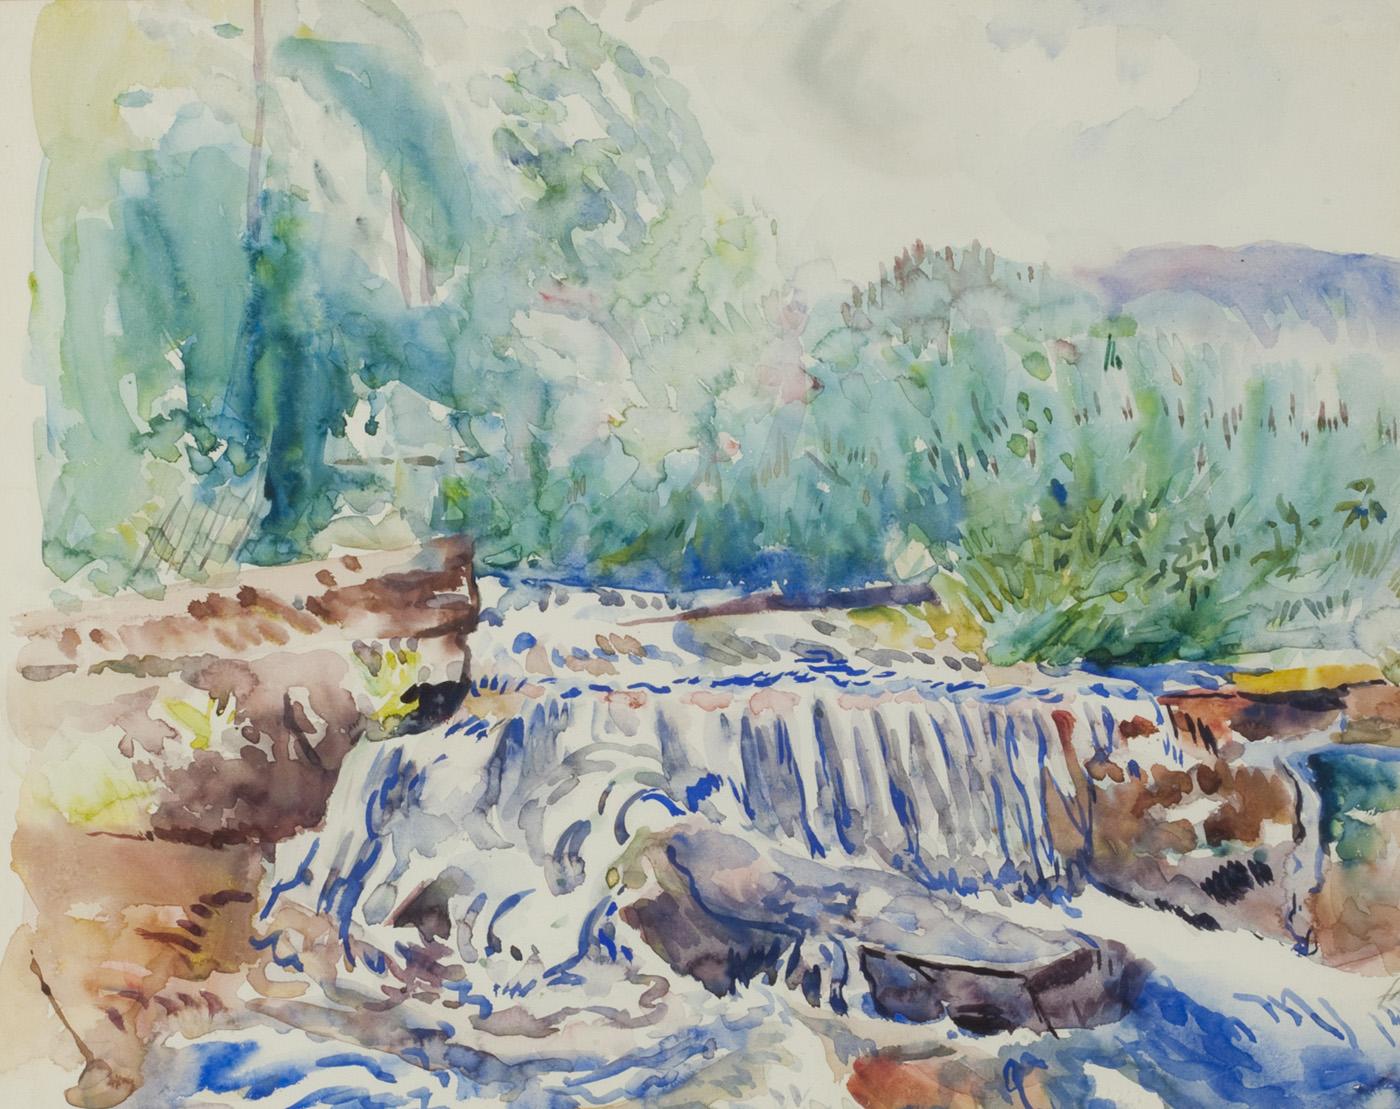 Waterfall, Woodstock, NY